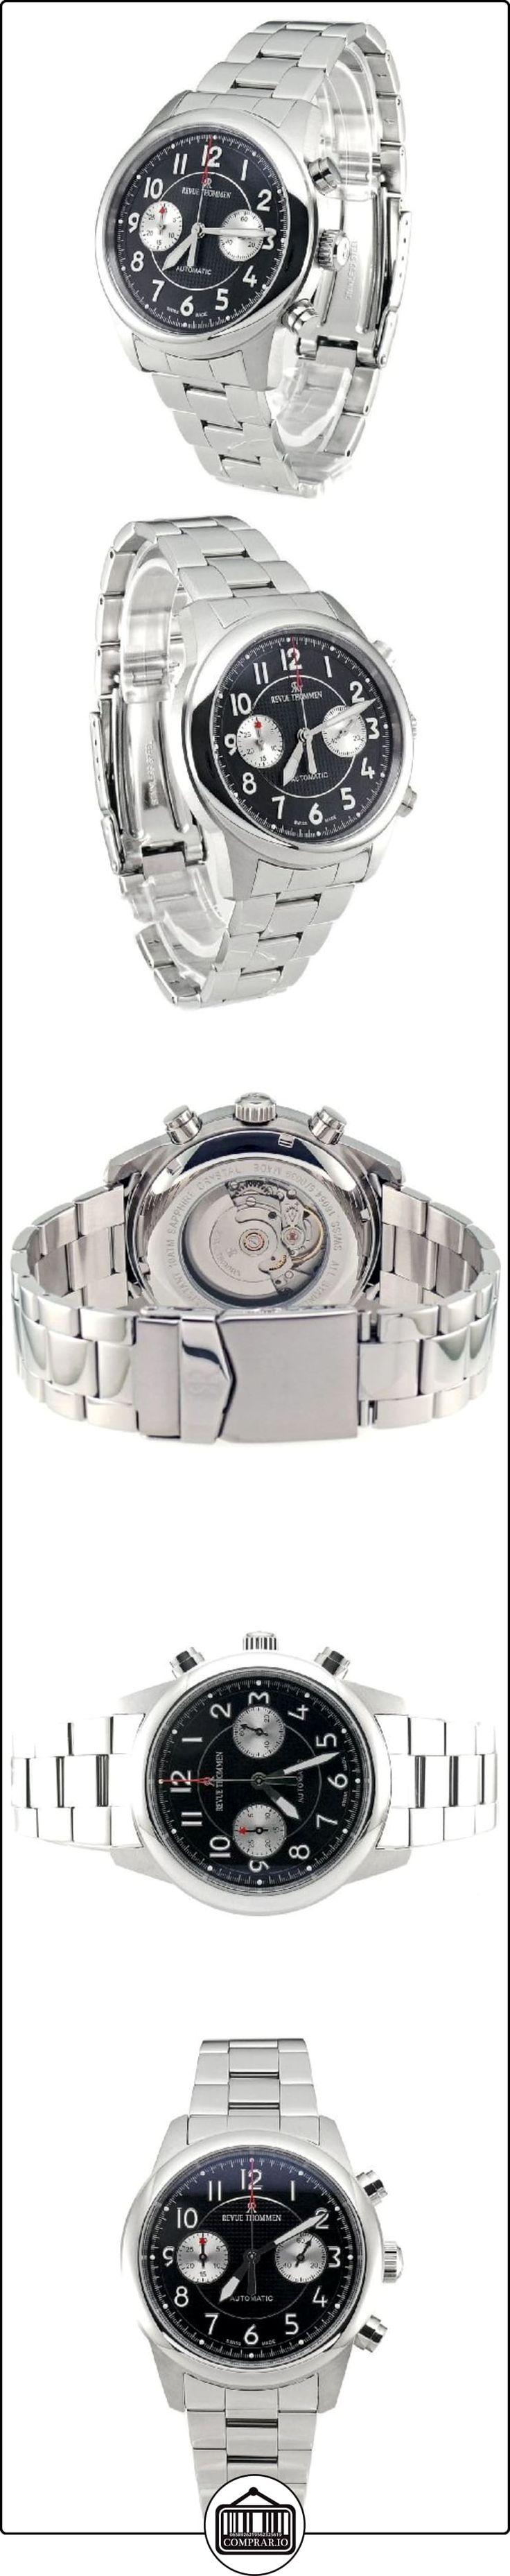 Revue Thommen Bicompax Chronograph 16064.6837 - Reloj de caballero automático, correa de acero inoxidable color plata  ✿ Relojes para hombre - (Lujo) ✿